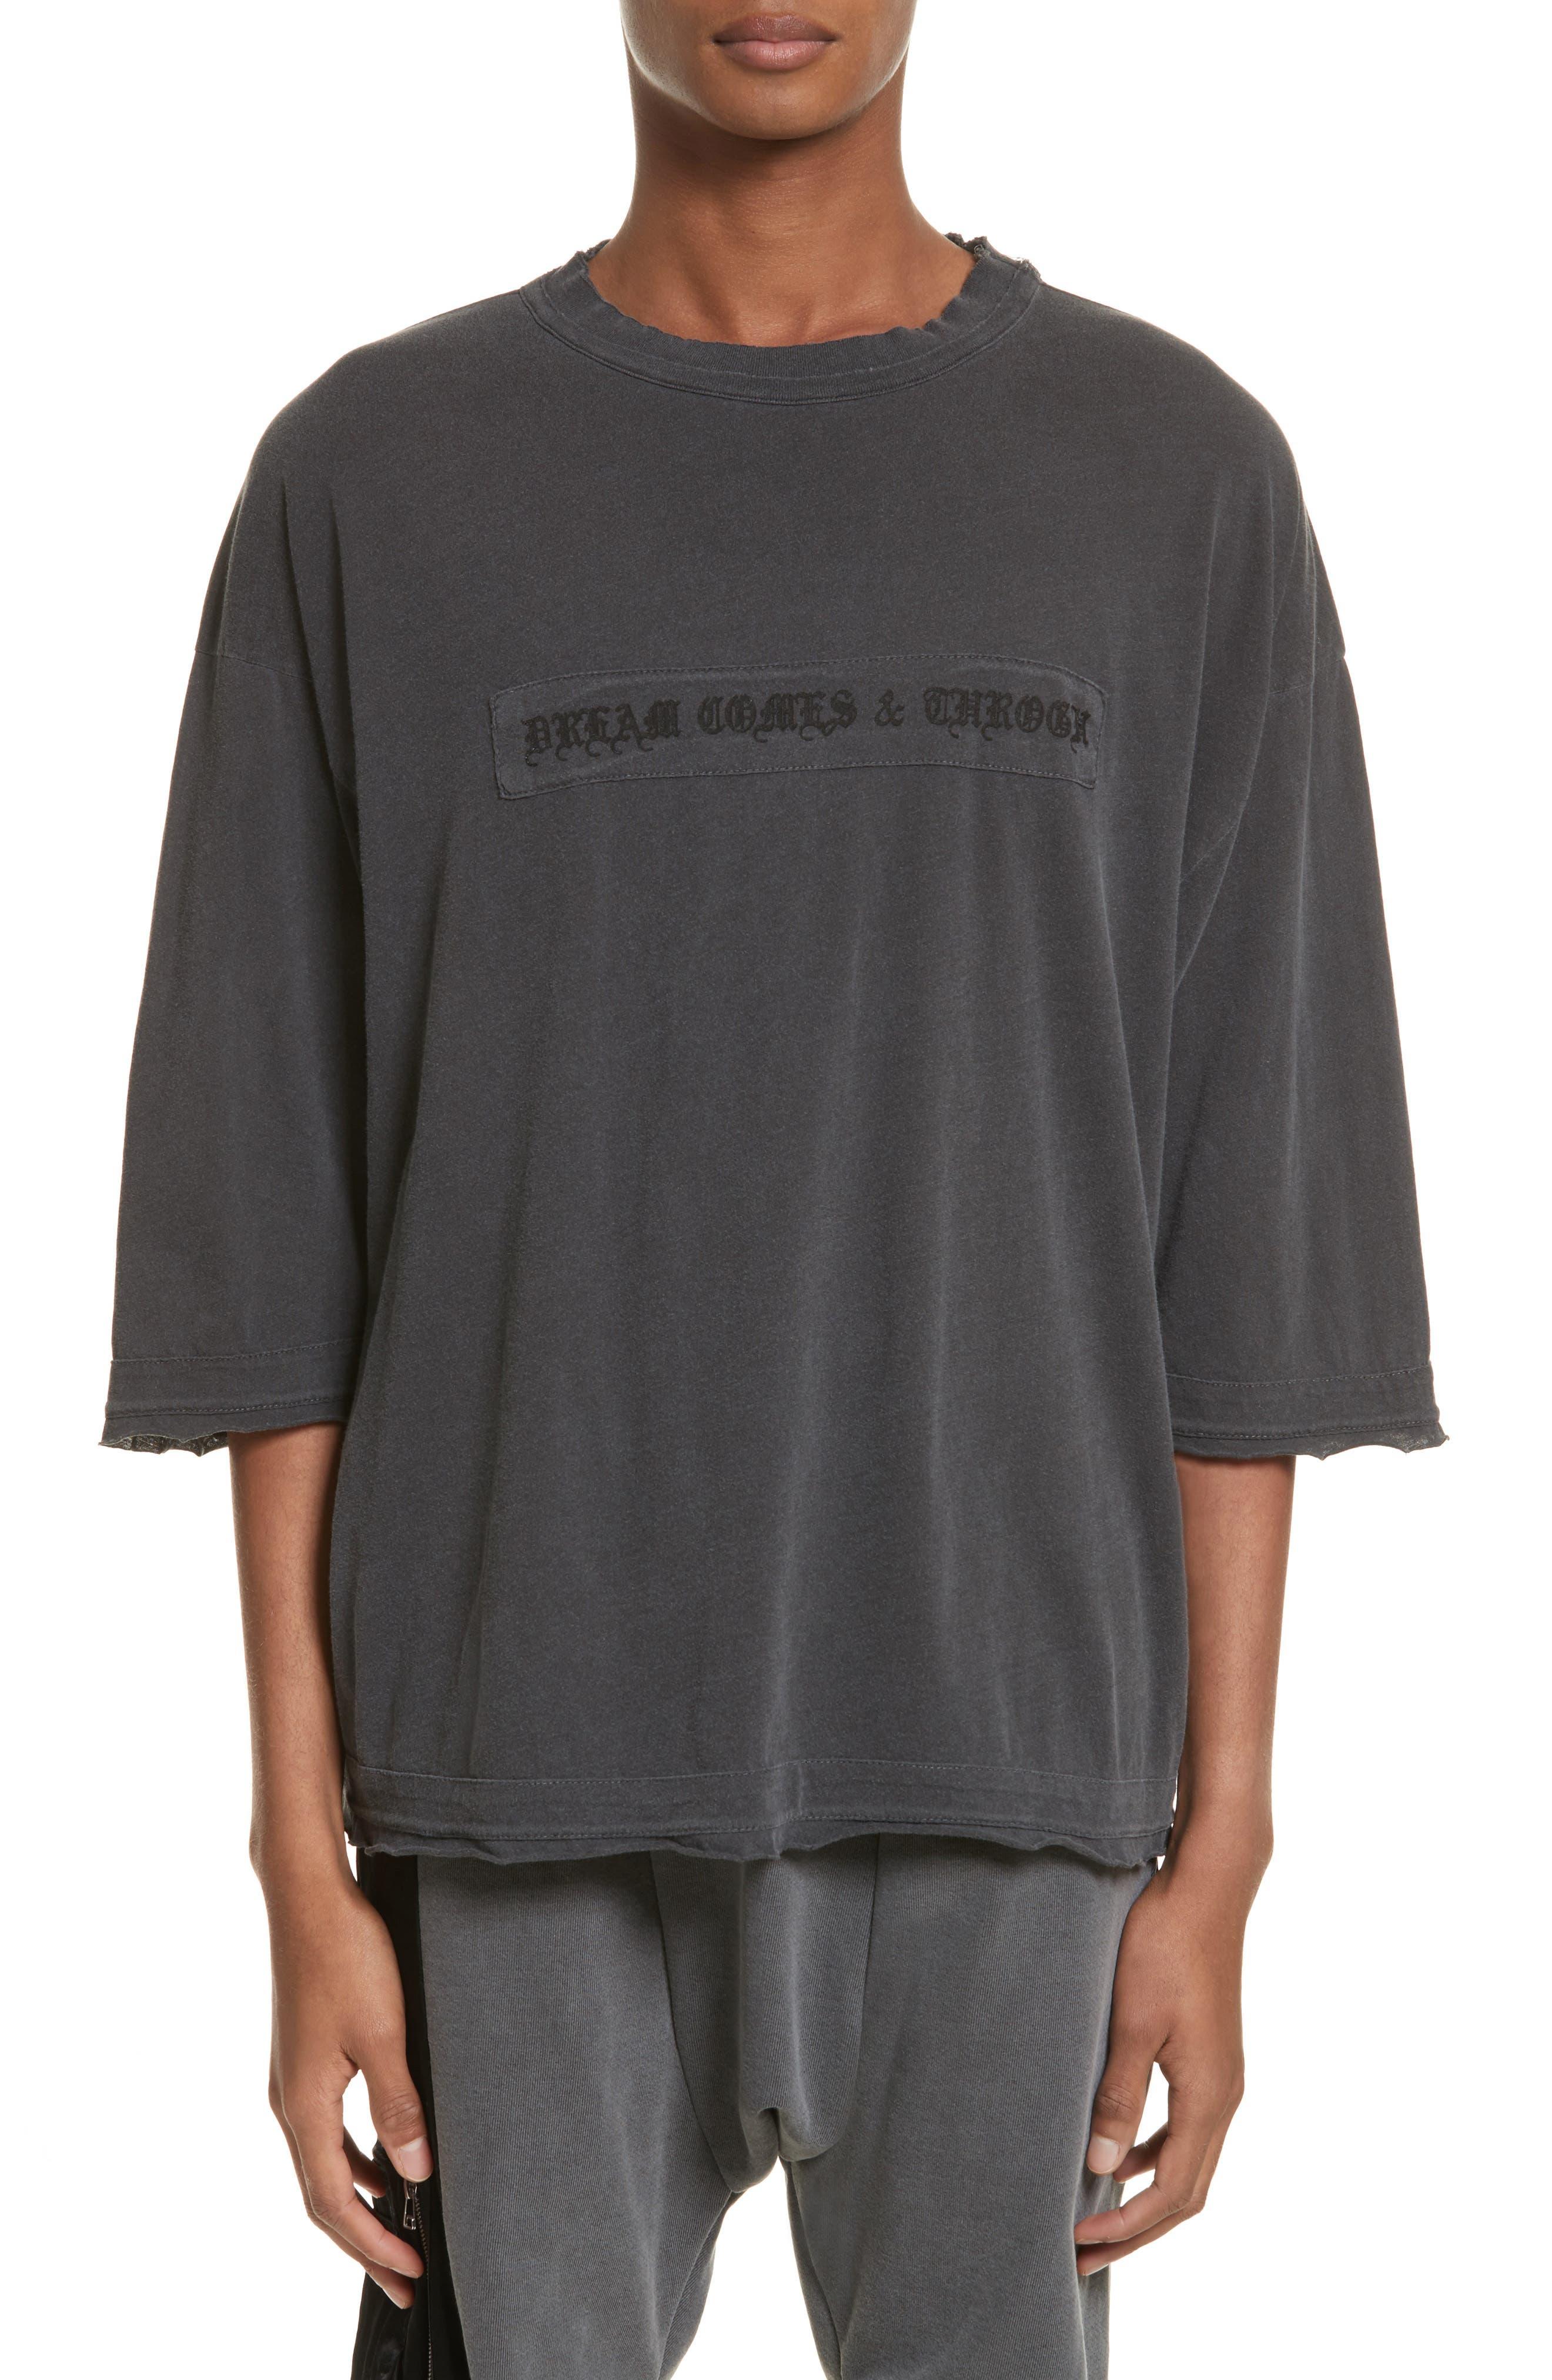 Eshu Oversize T-Shirt,                             Main thumbnail 1, color,                             001